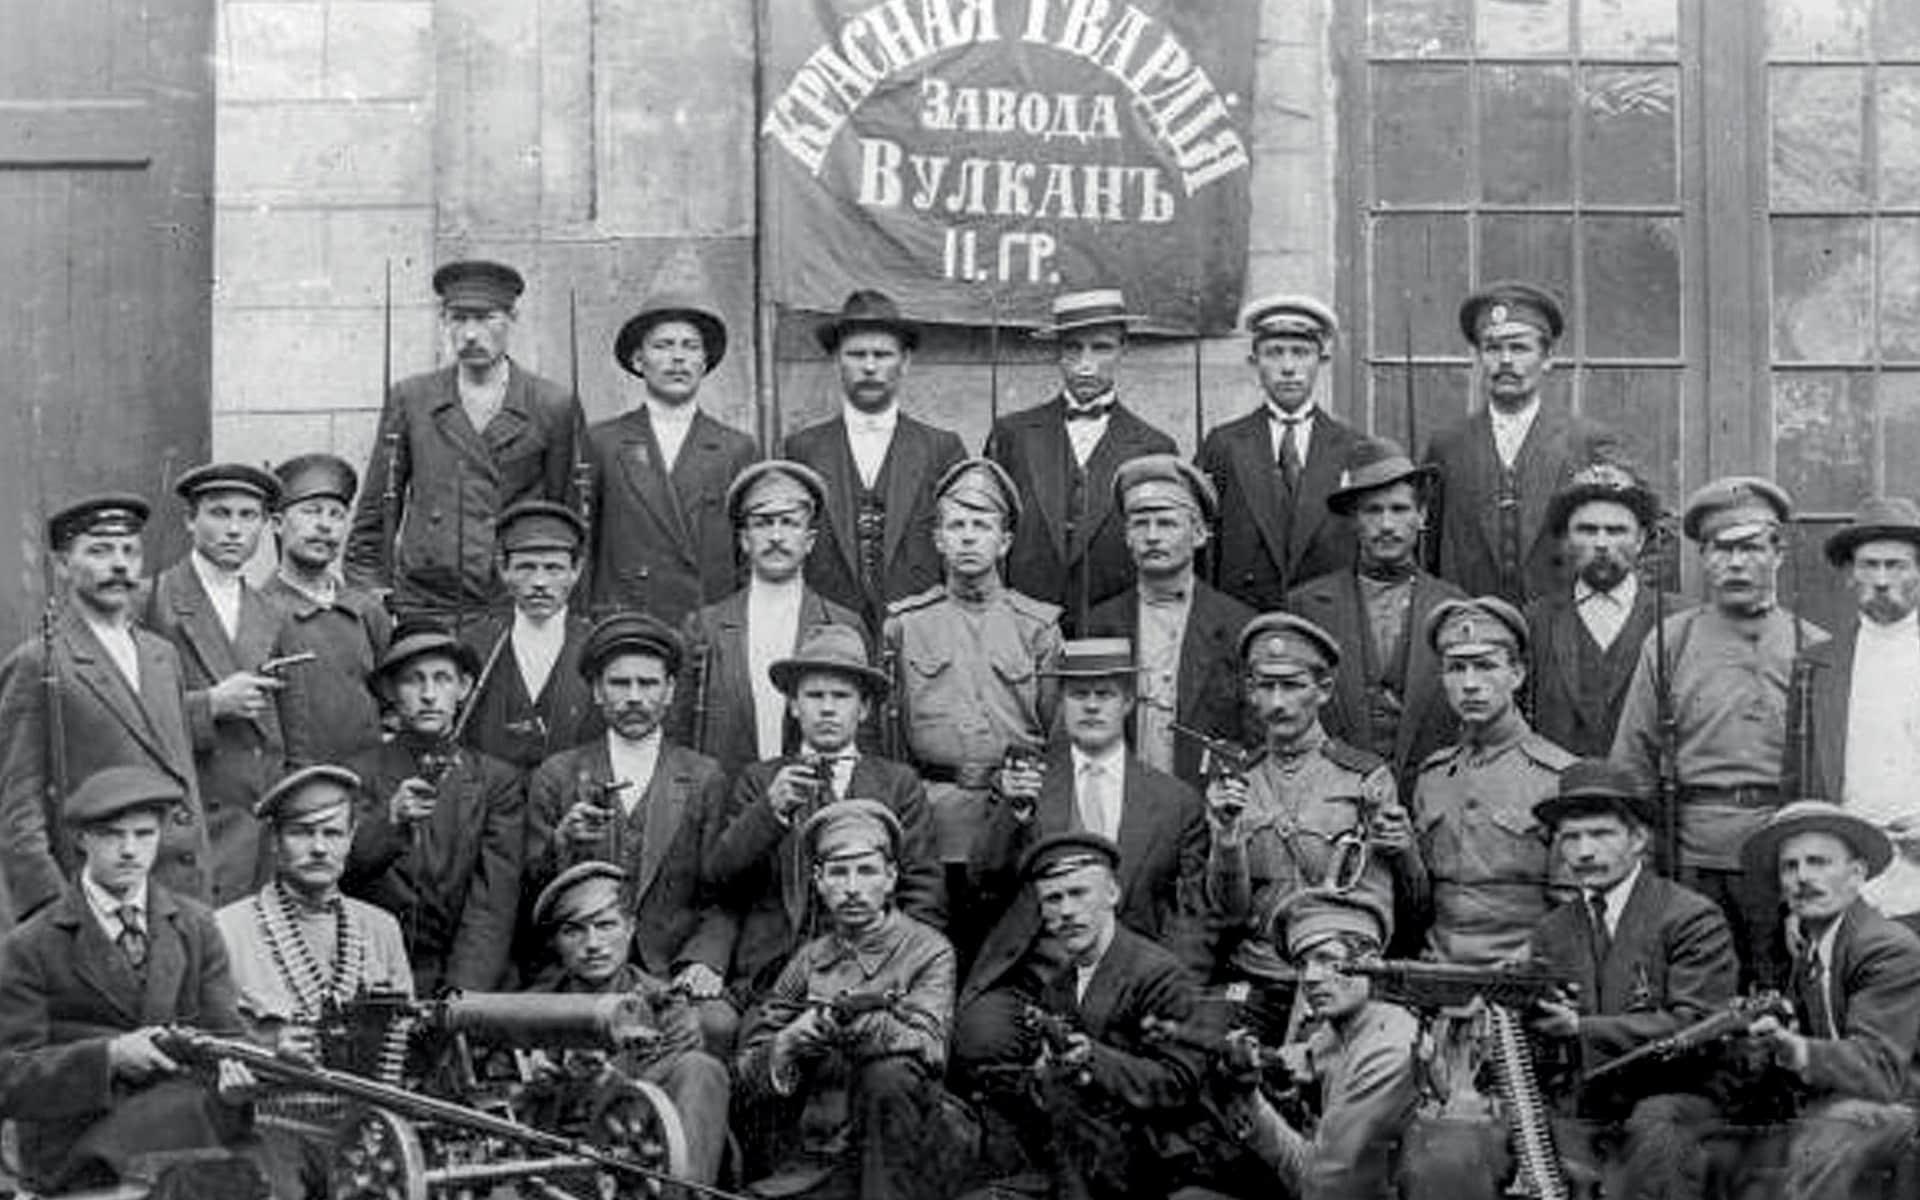 La Révolution russe de septembre à novembre 1917